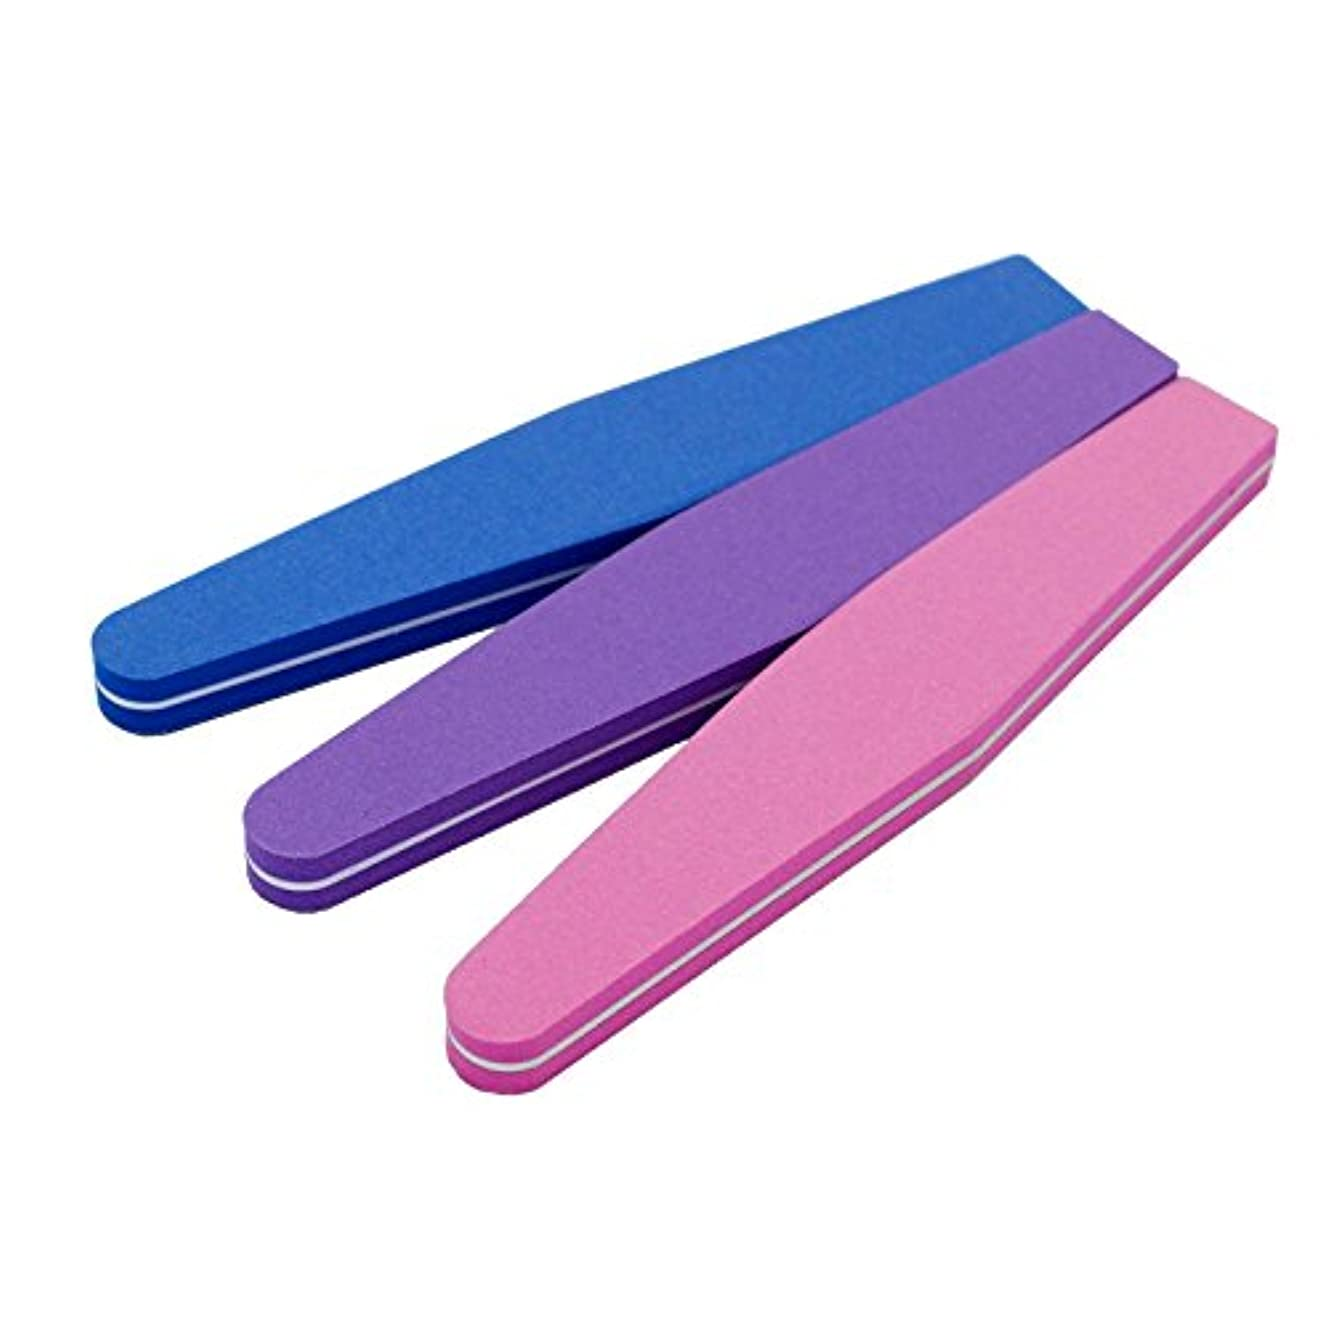 脇に想像力シンプルさJomMart スポンジ ネイルファイル 爪用ヤスリ 3色セット(ピンク パープル ブルー) BY0040